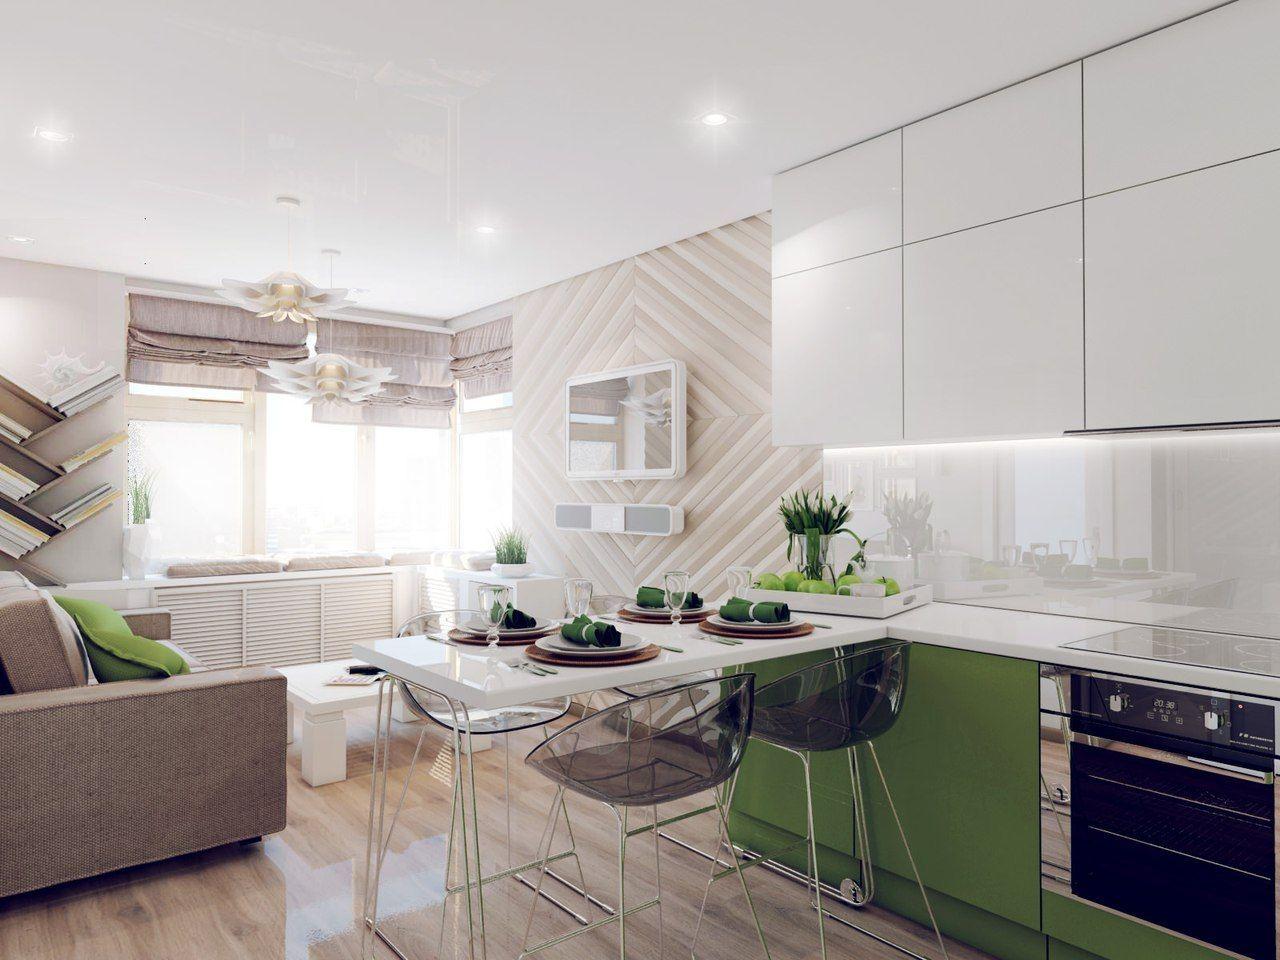 Cocinas pequeñas con comedor estilo minimalistas